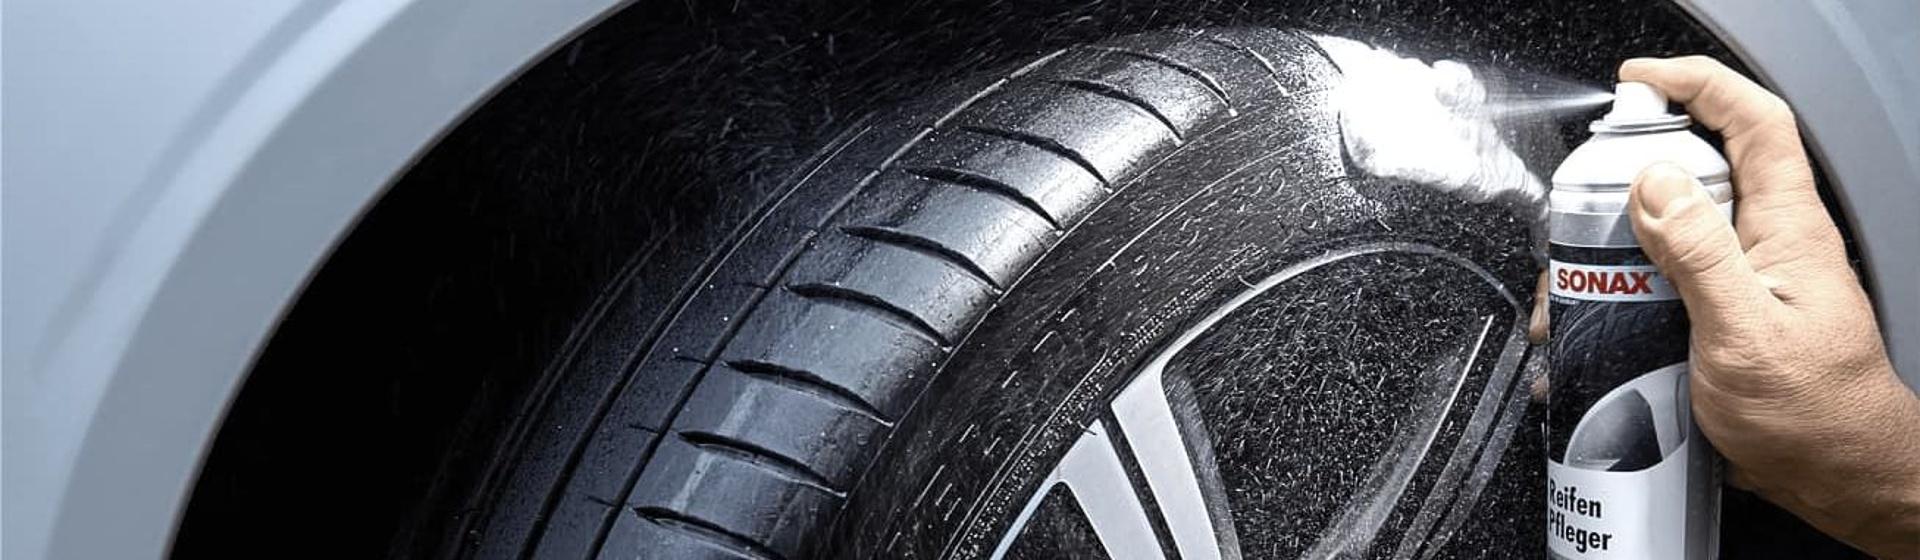 Čištění disků<br>a pneumatik